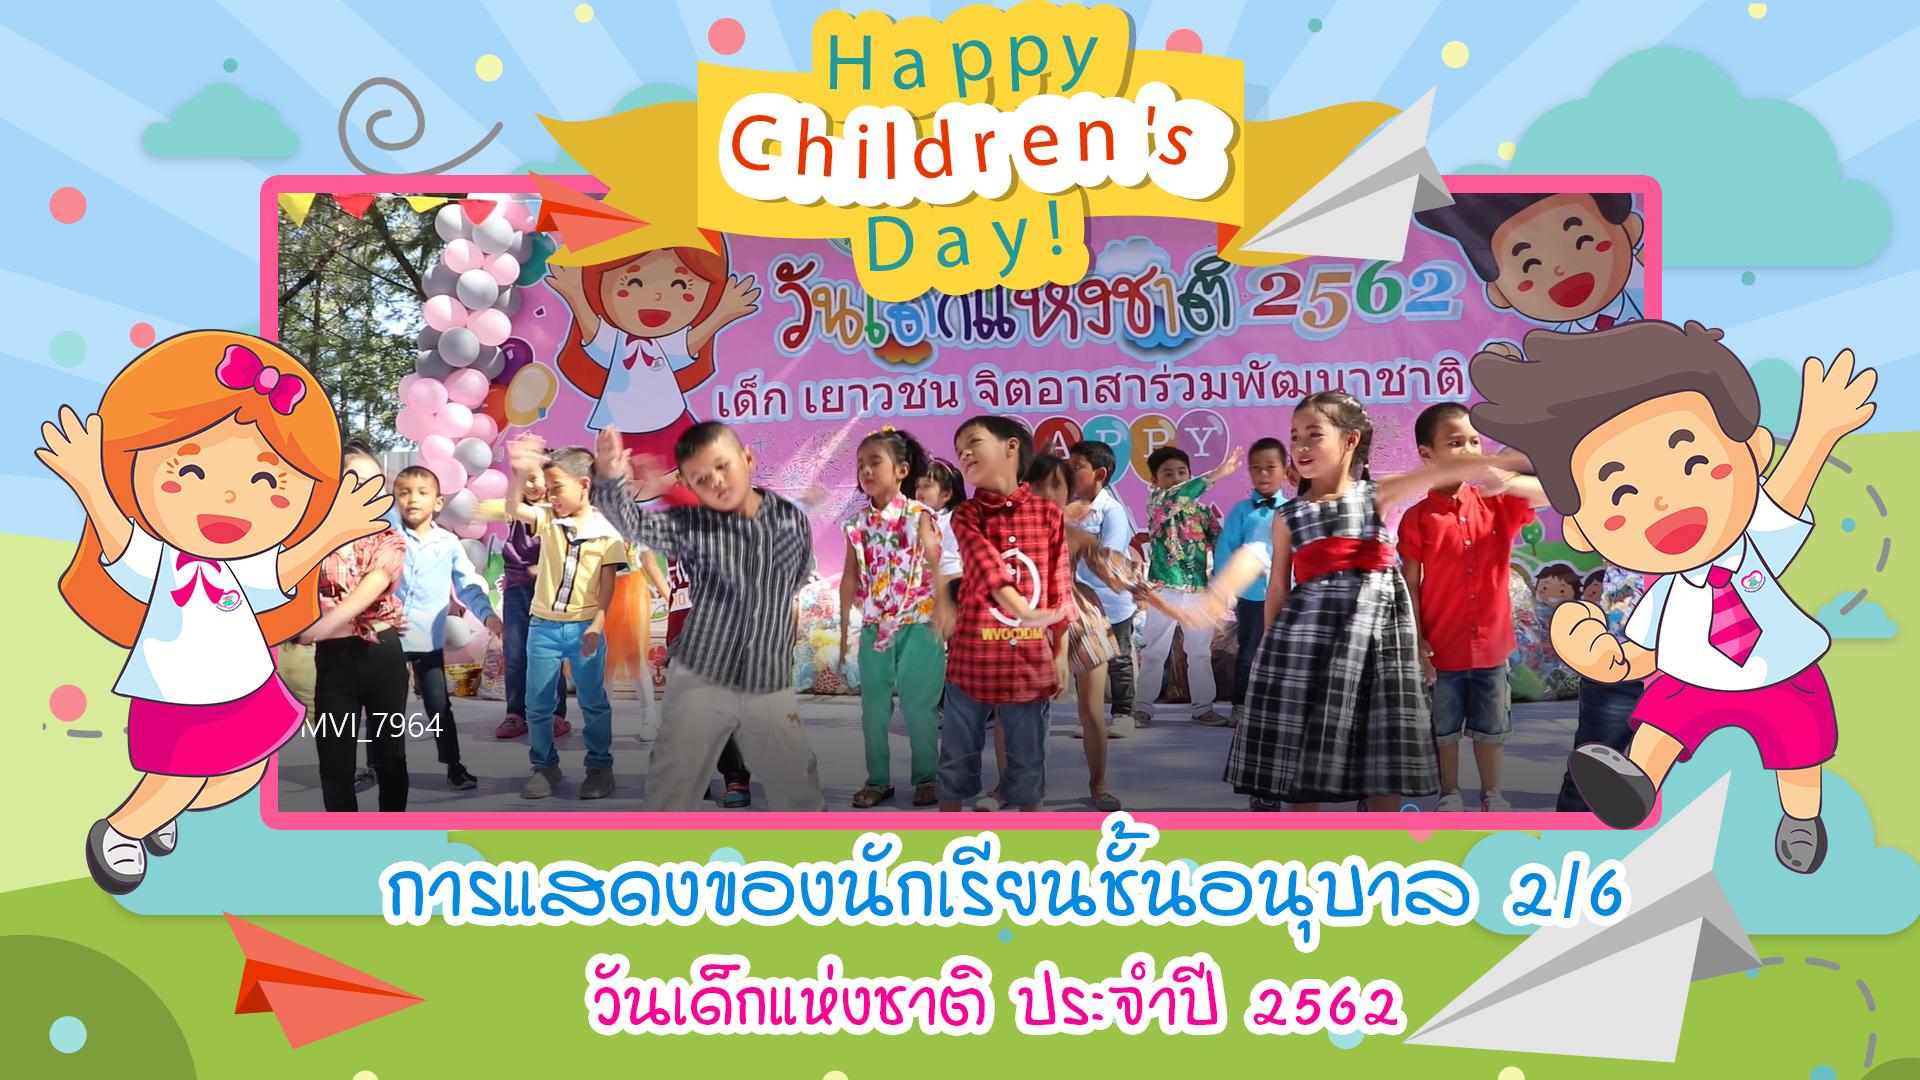 การแสดงของนักเรียนชั้นอนุบาล 2/6 กิจกรรมวันเด็กแห่งชาติ ประจำปี 2562